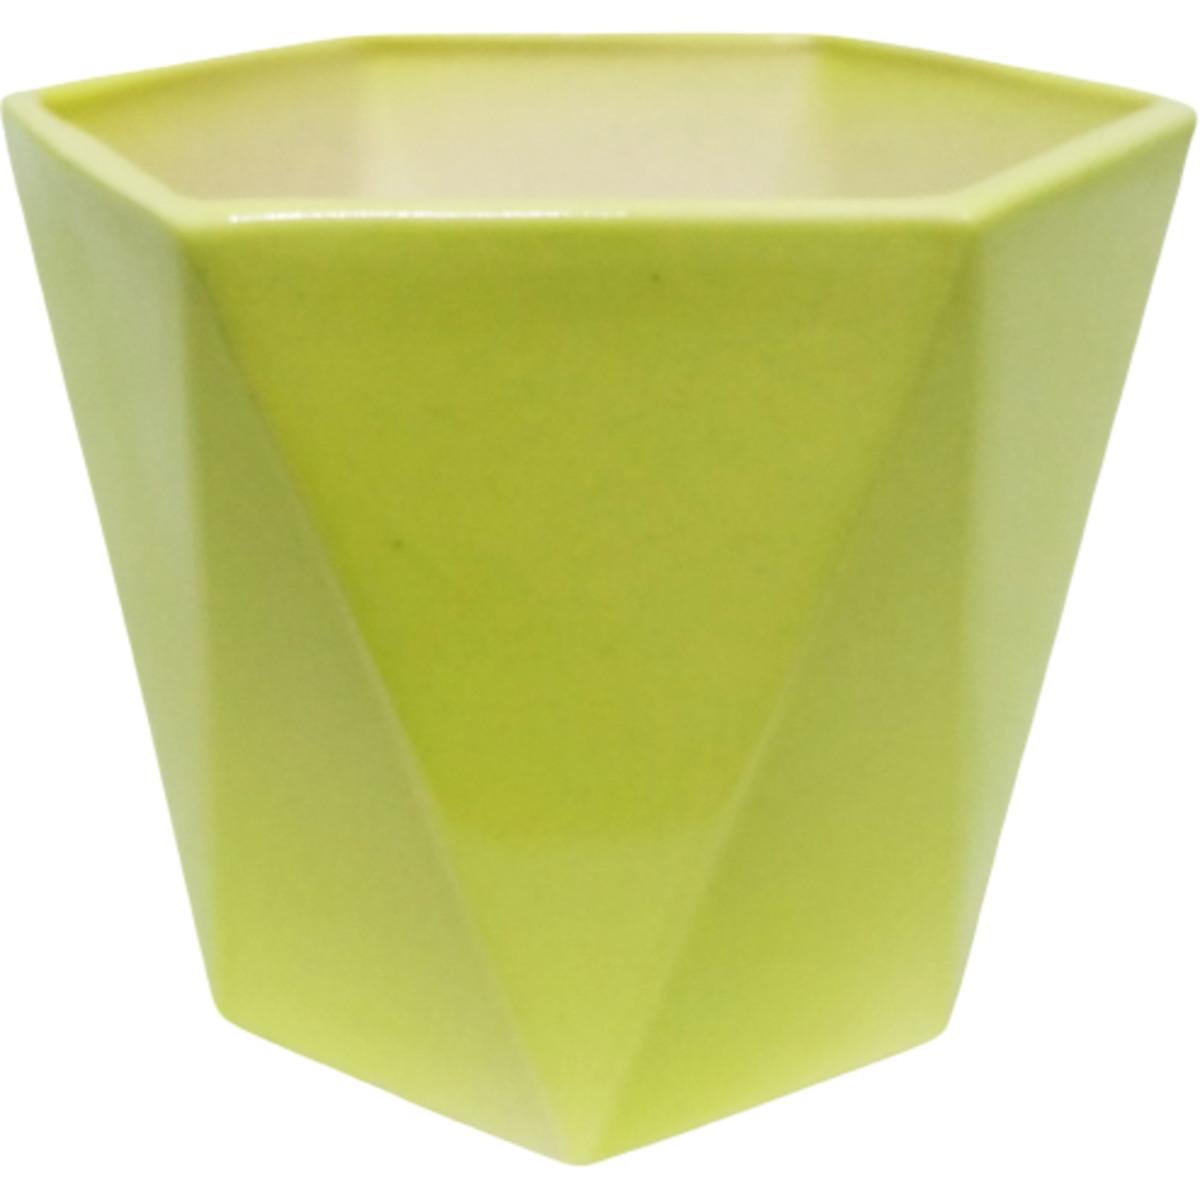 Кашпо цветочное «Кактусник» ø10 мм 0.49 л керамика салатовый